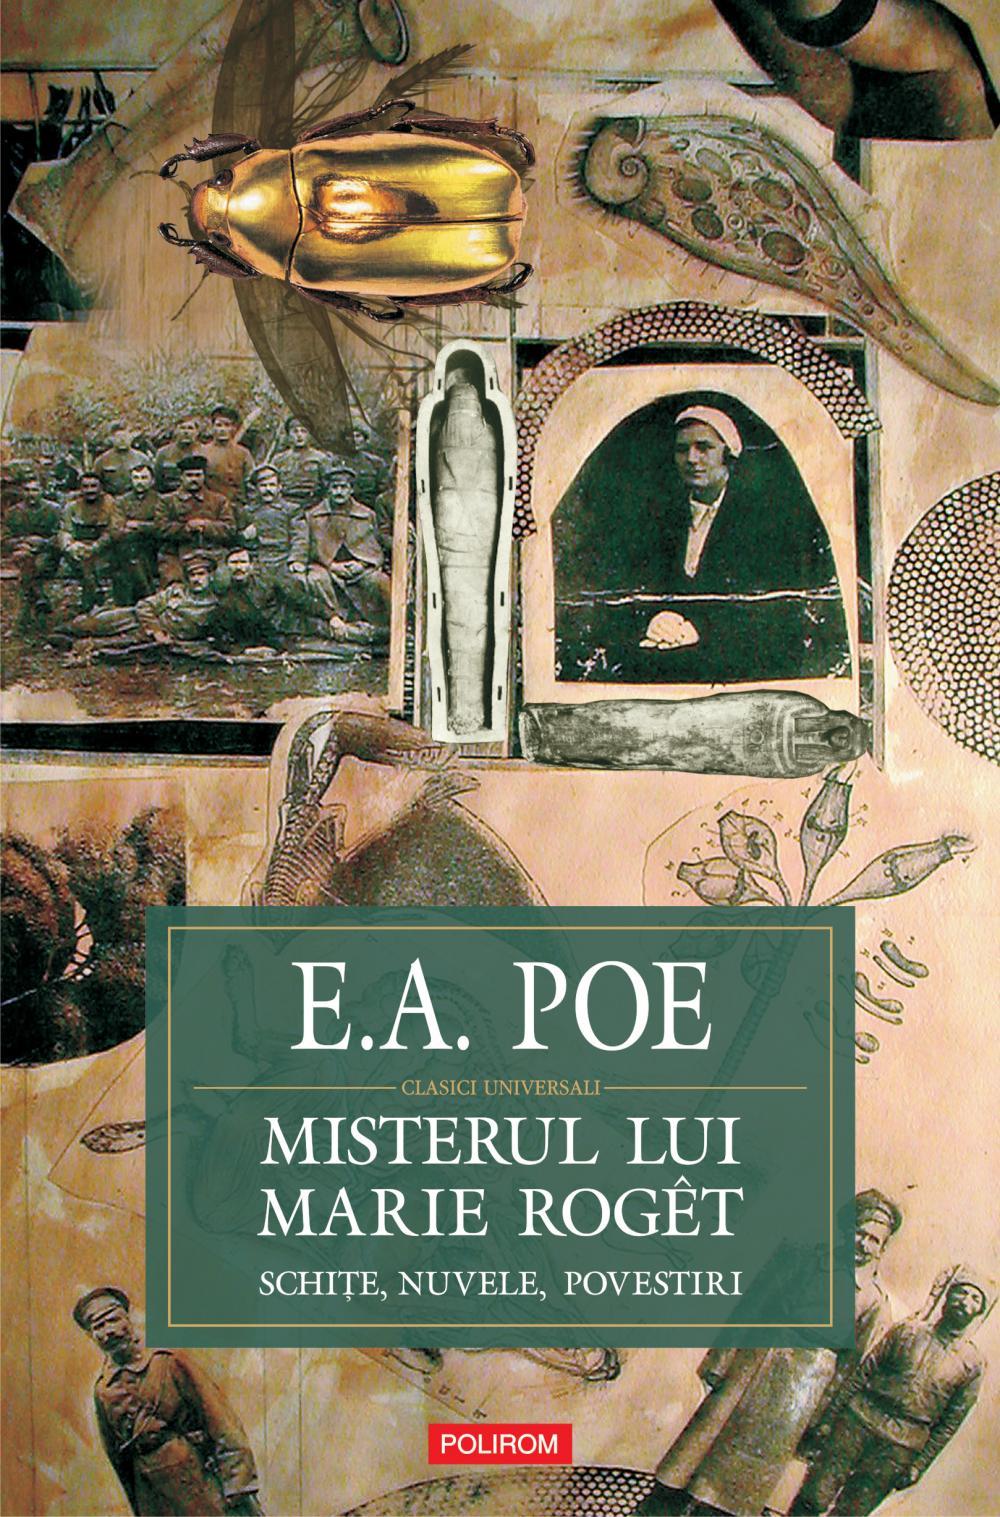 MISTERUL LUI MARIE ROGE